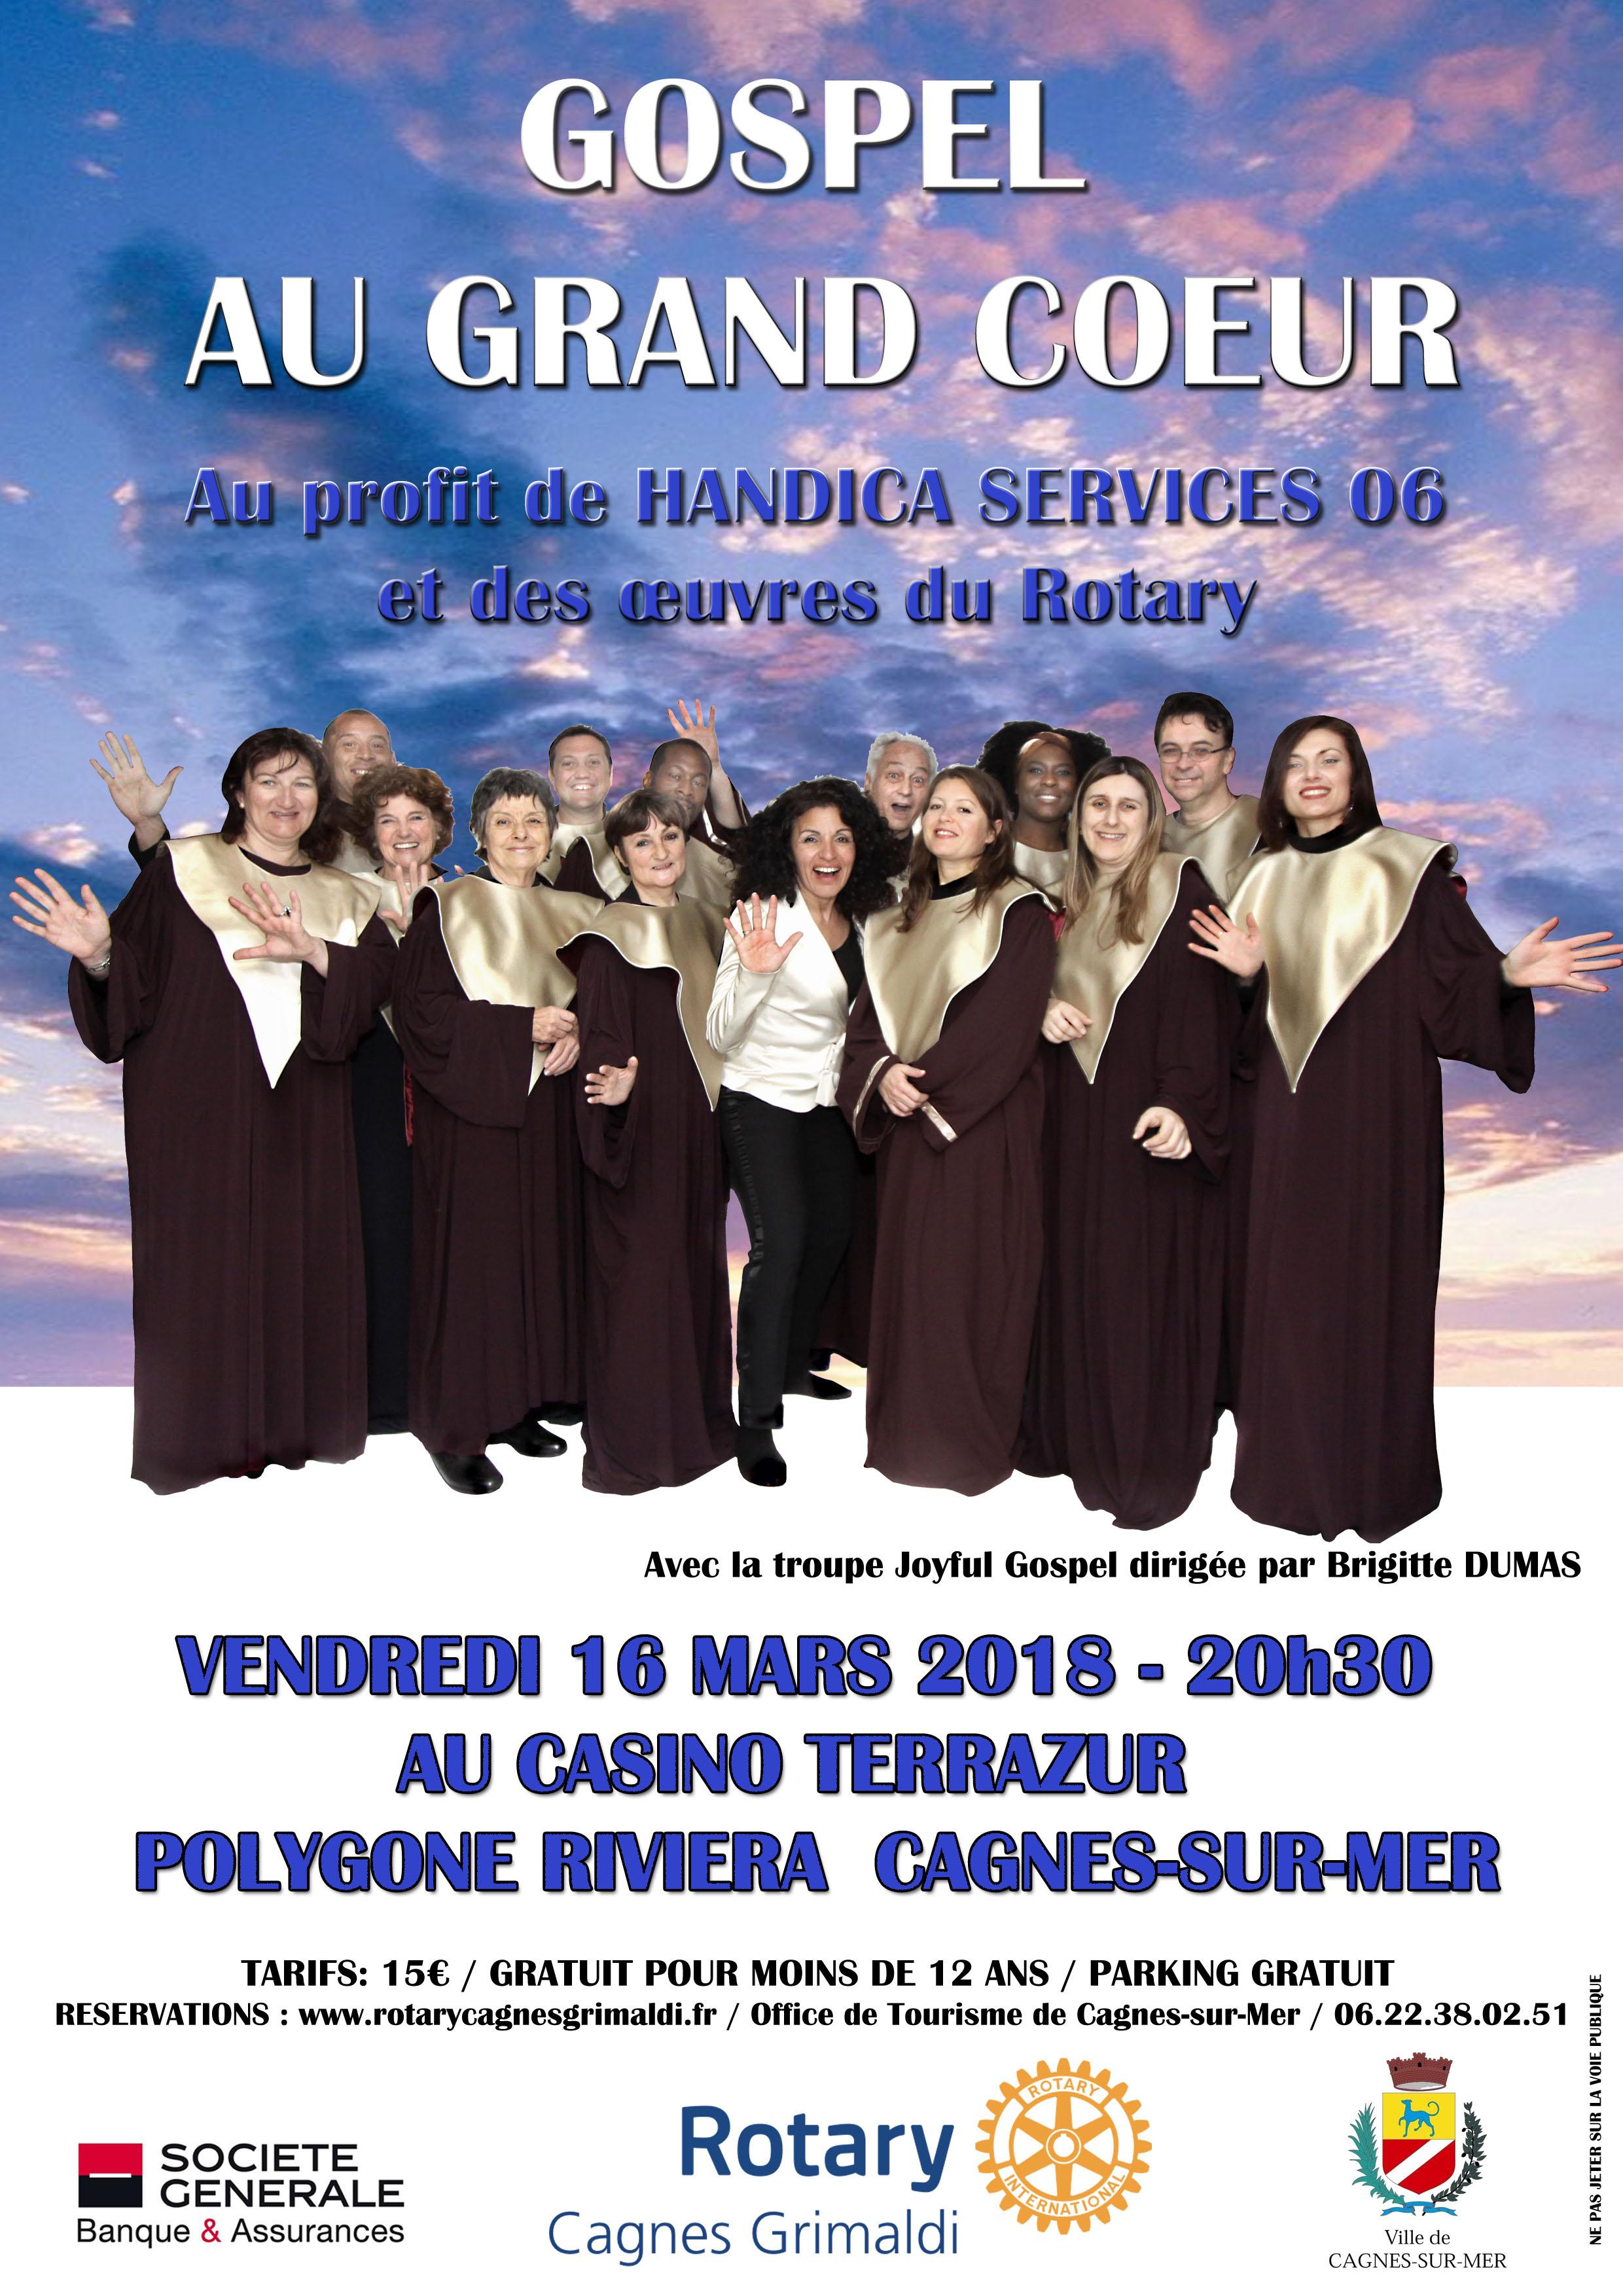 GOSPEL AU GRAND COEUR Actualité Cagnes-sur-Mer